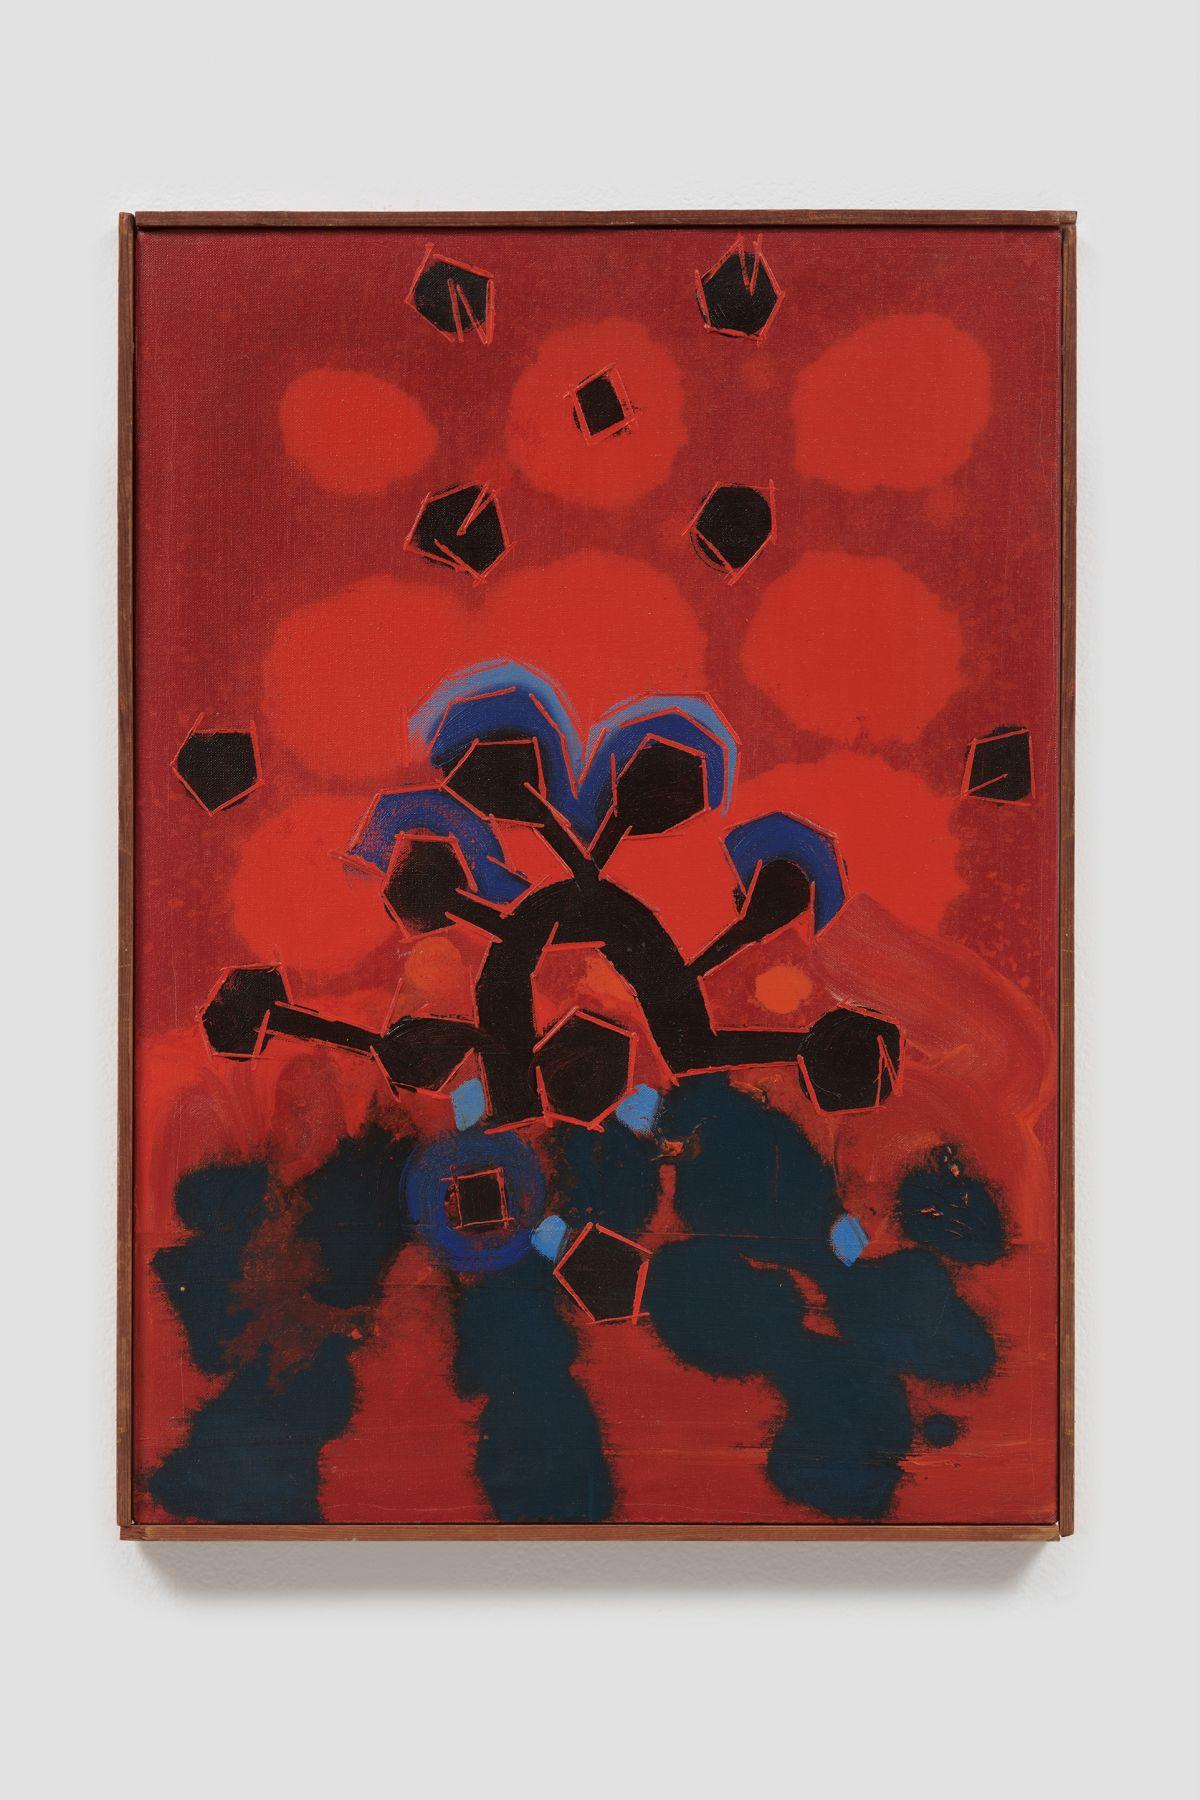 LEE MULLICAN, Dawn Awake, 1964